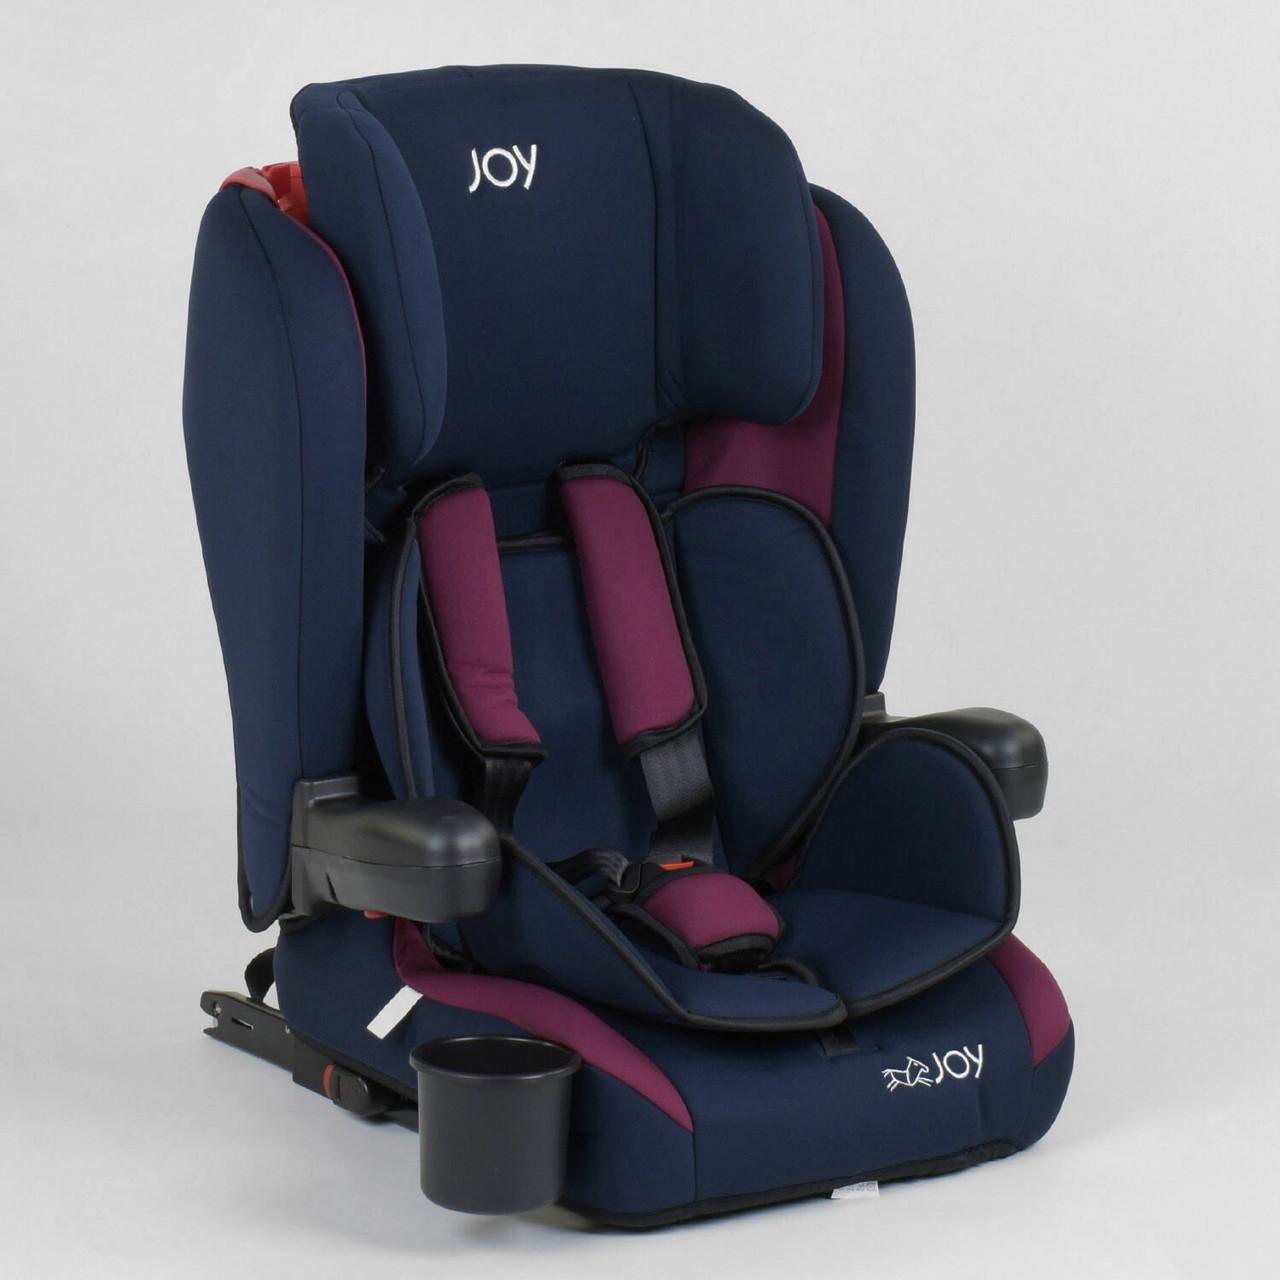 Дитяче автокрісло JOY 72583 Темно-синій з бордовим, система ISOFIX, група 1/2/3, від 9-36 кг